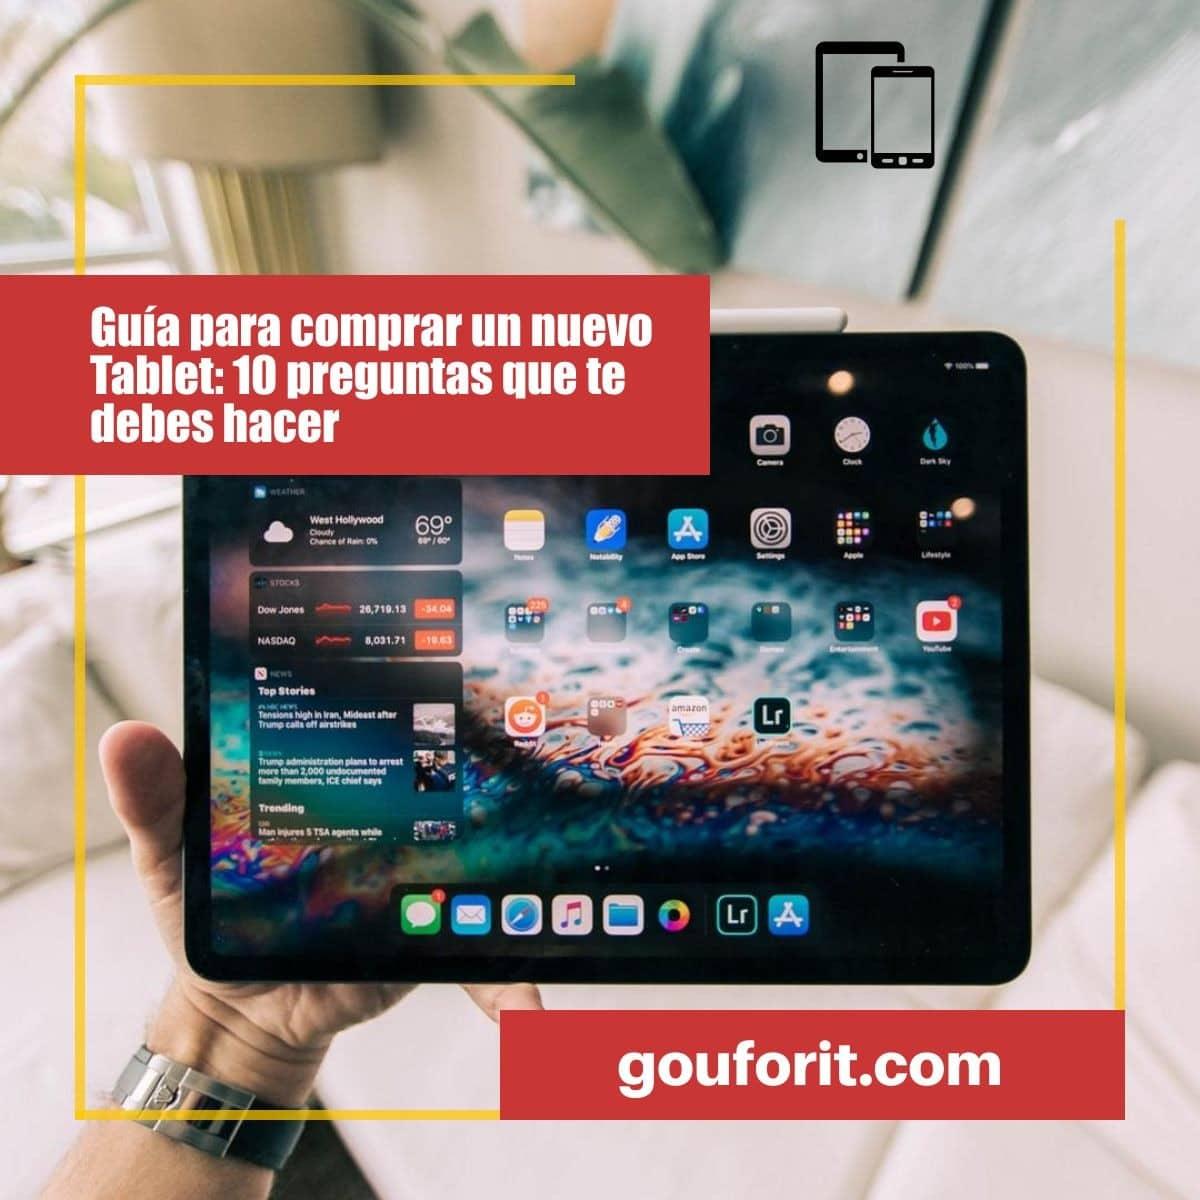 10 preguntas que te debes hacer antes de comprar un nuevo Tablet